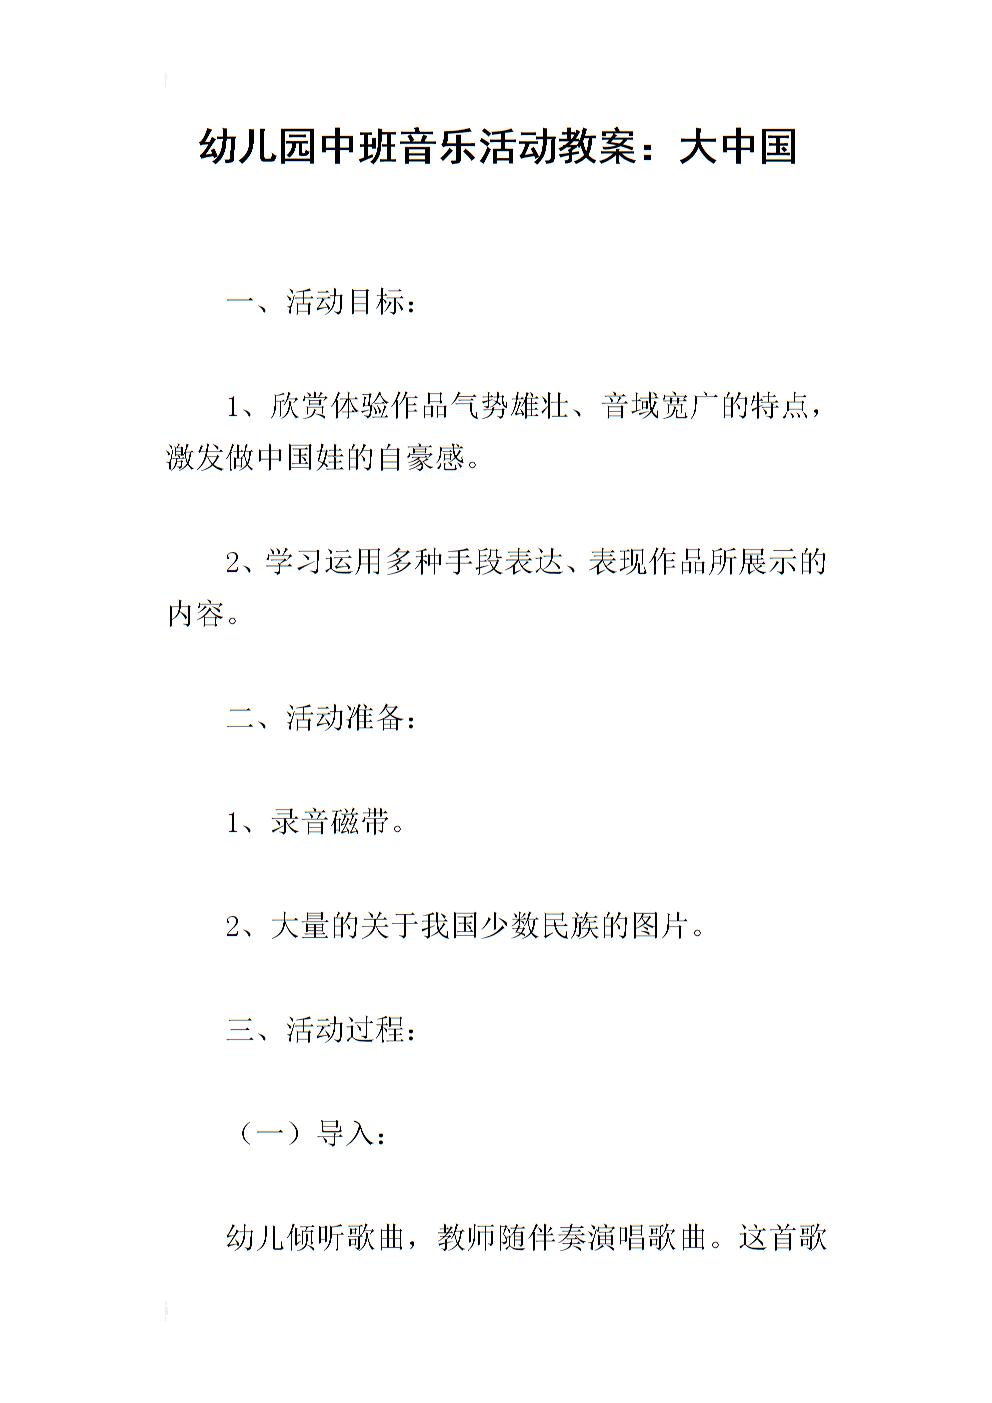 幼儿园中班音乐活动教案:大中国.docx